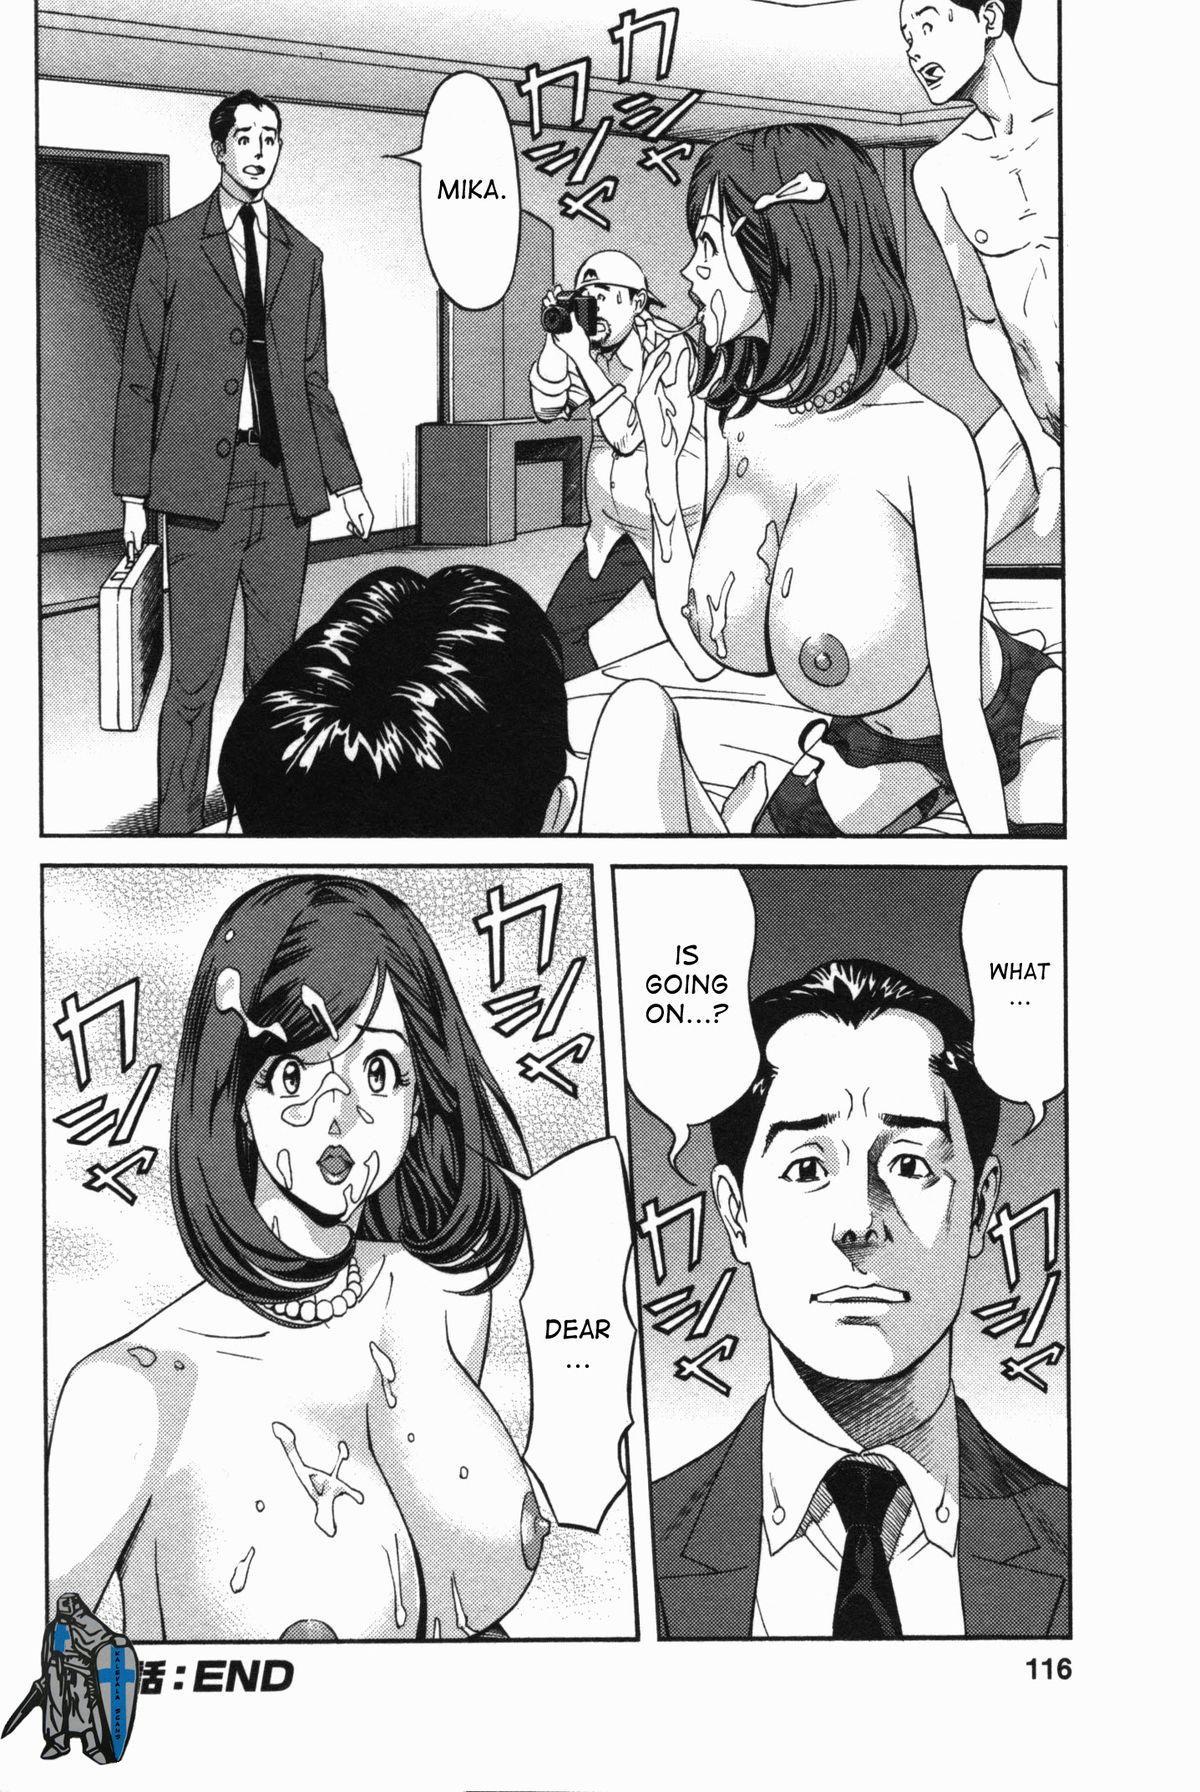 [Hara Shigeyuki] Ikenai Access -Yaritai Site 3- Ch. 1, 6 [English] [desudesu] 38